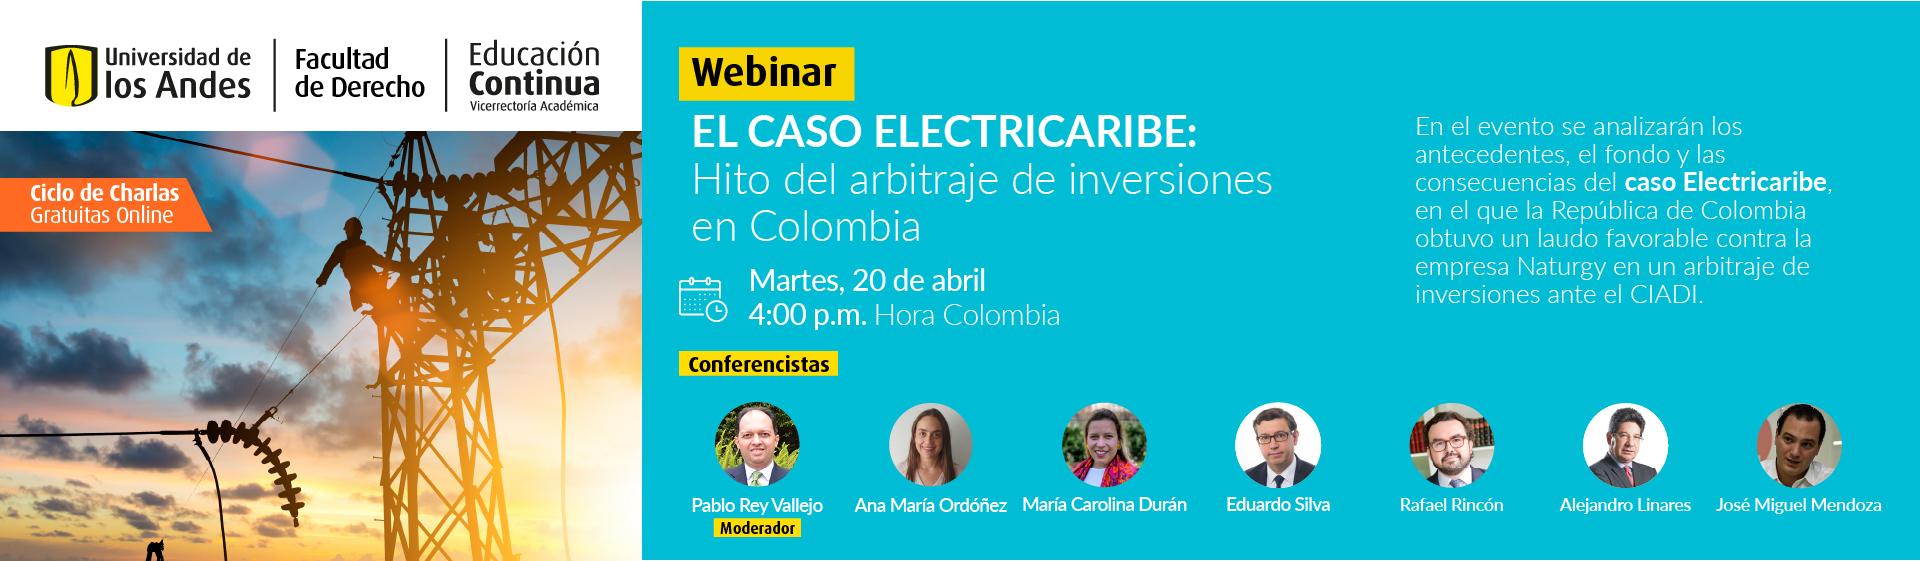 Webinar El caso Electricaribe: Hito del arbitraje de inversiones en Colombia | Educación Continua | Uniandes